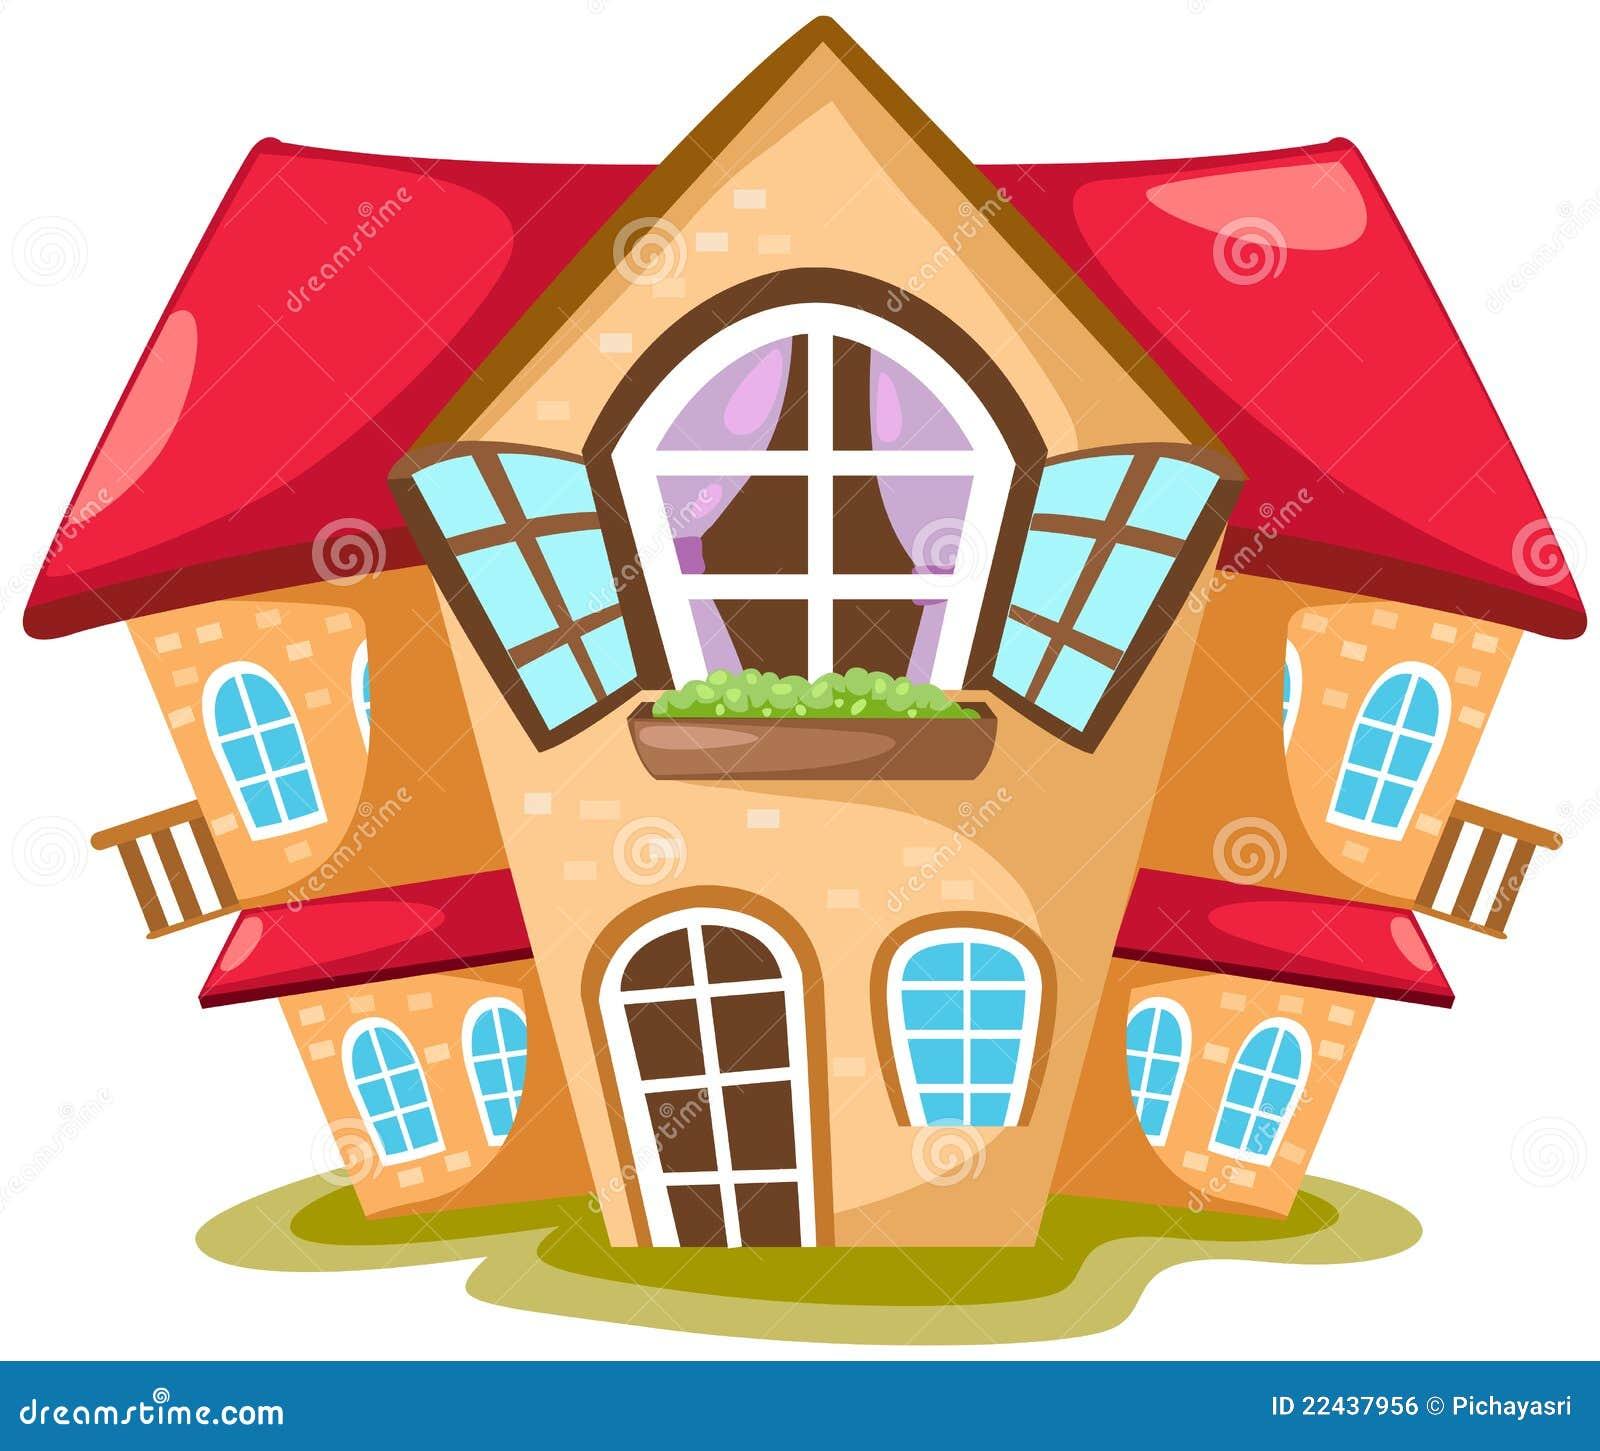 Maison de dessin anim image libre de droits image 22437956 for Dessin 3d maison